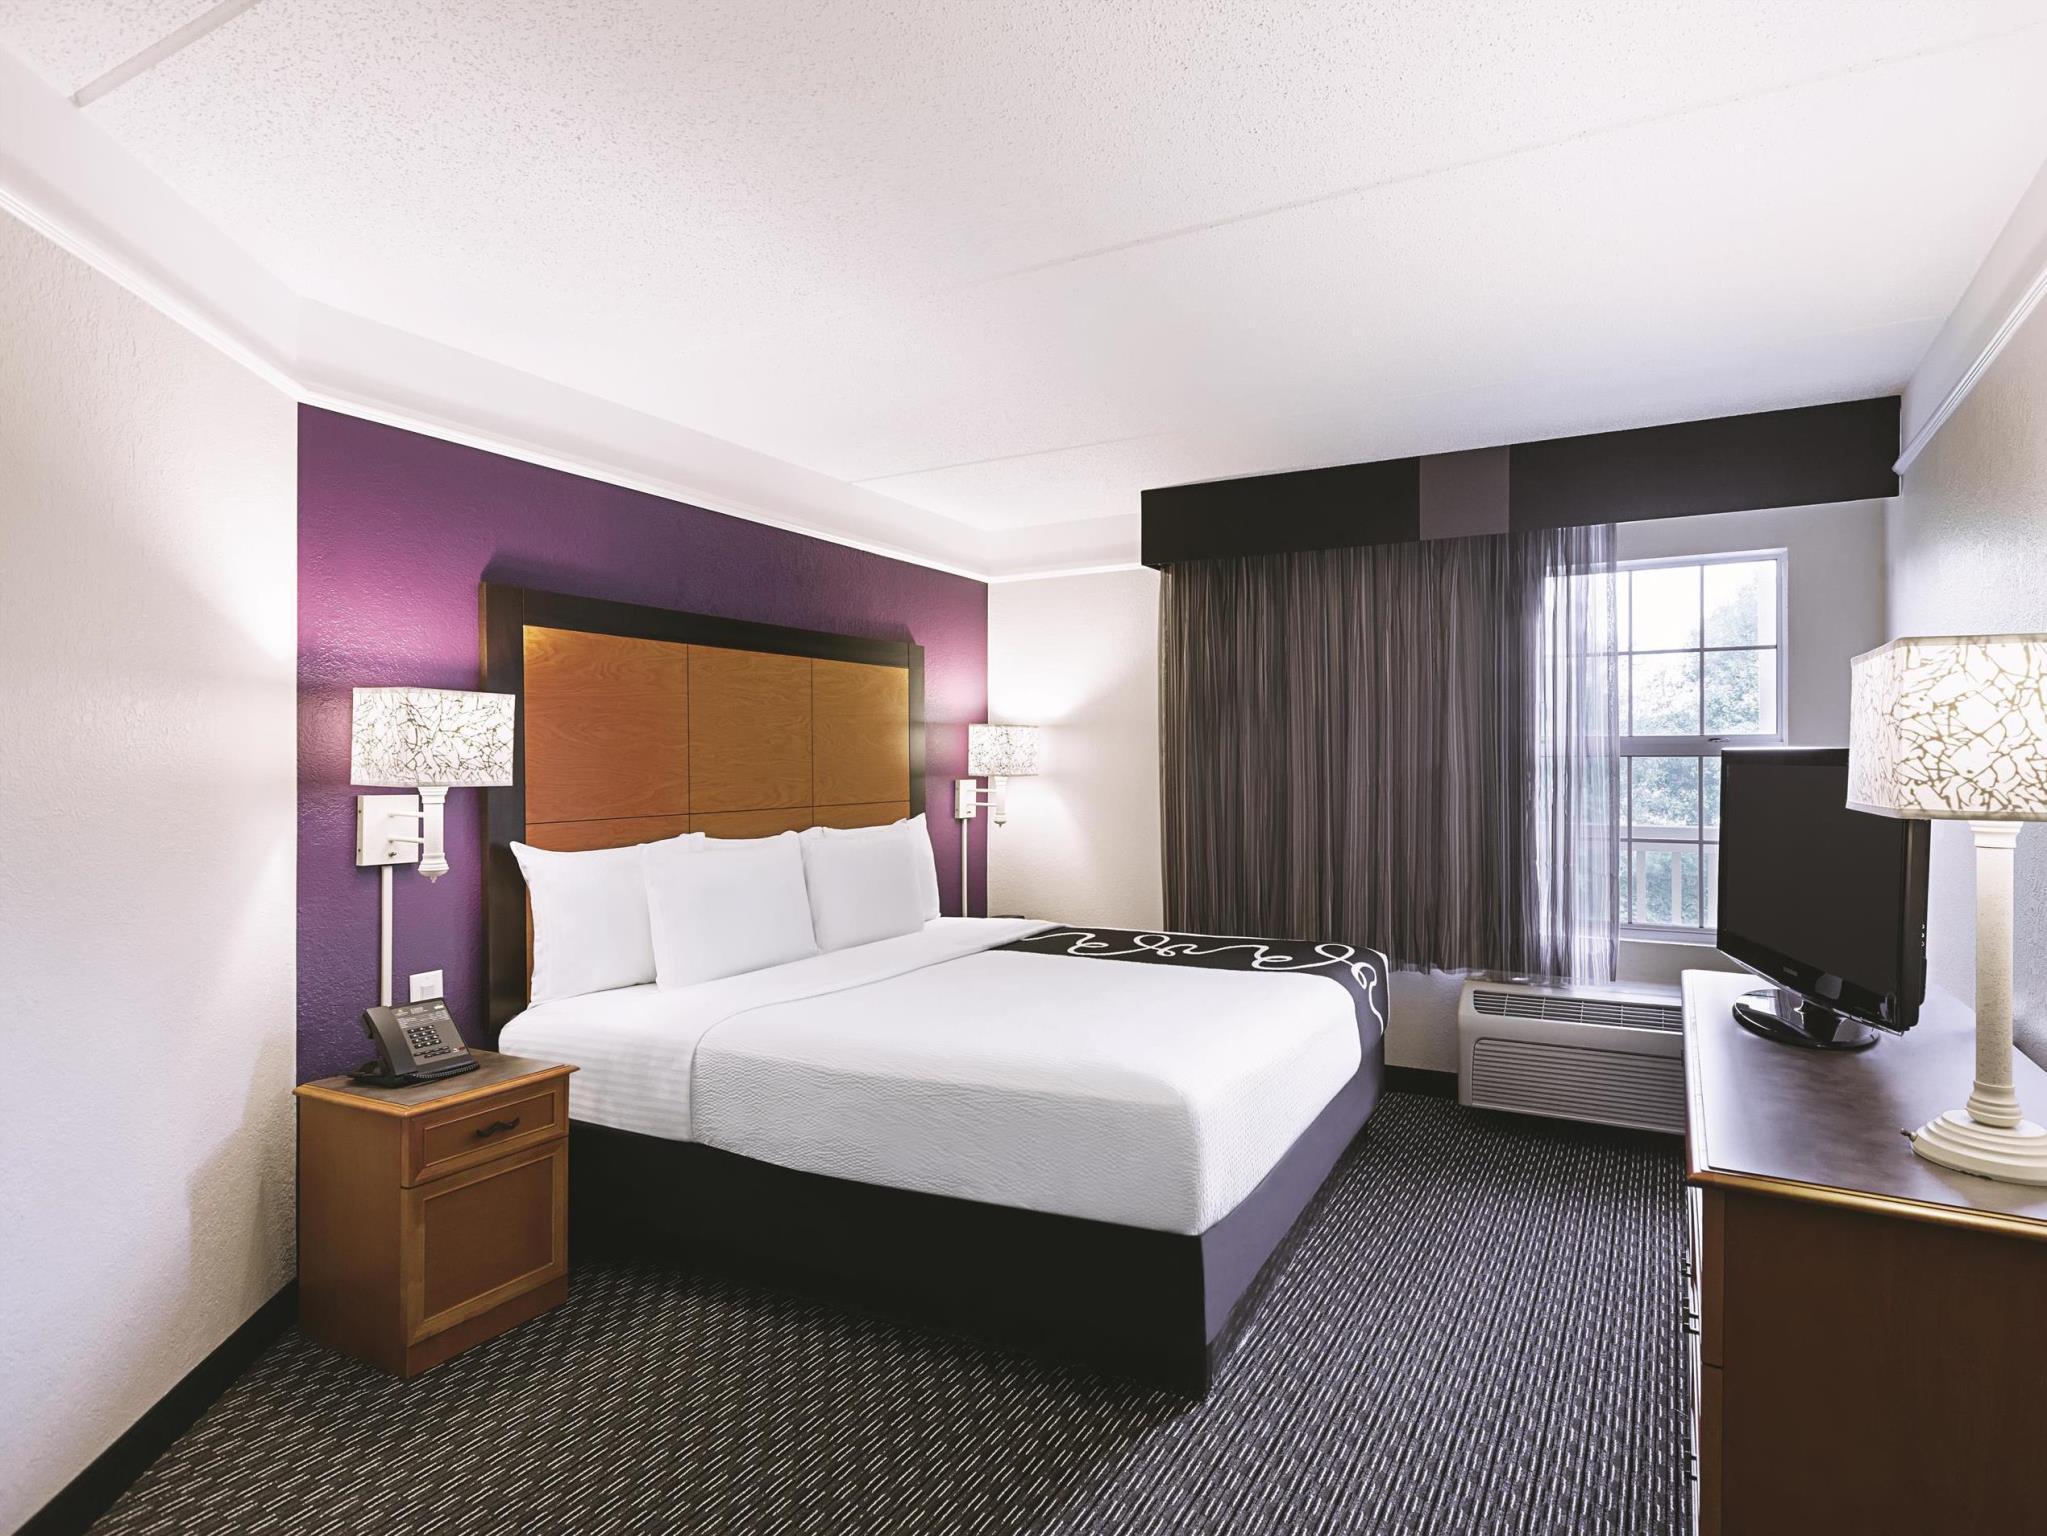 La Quinta Inn & Suites By Wyndham Raleigh Durham Airport